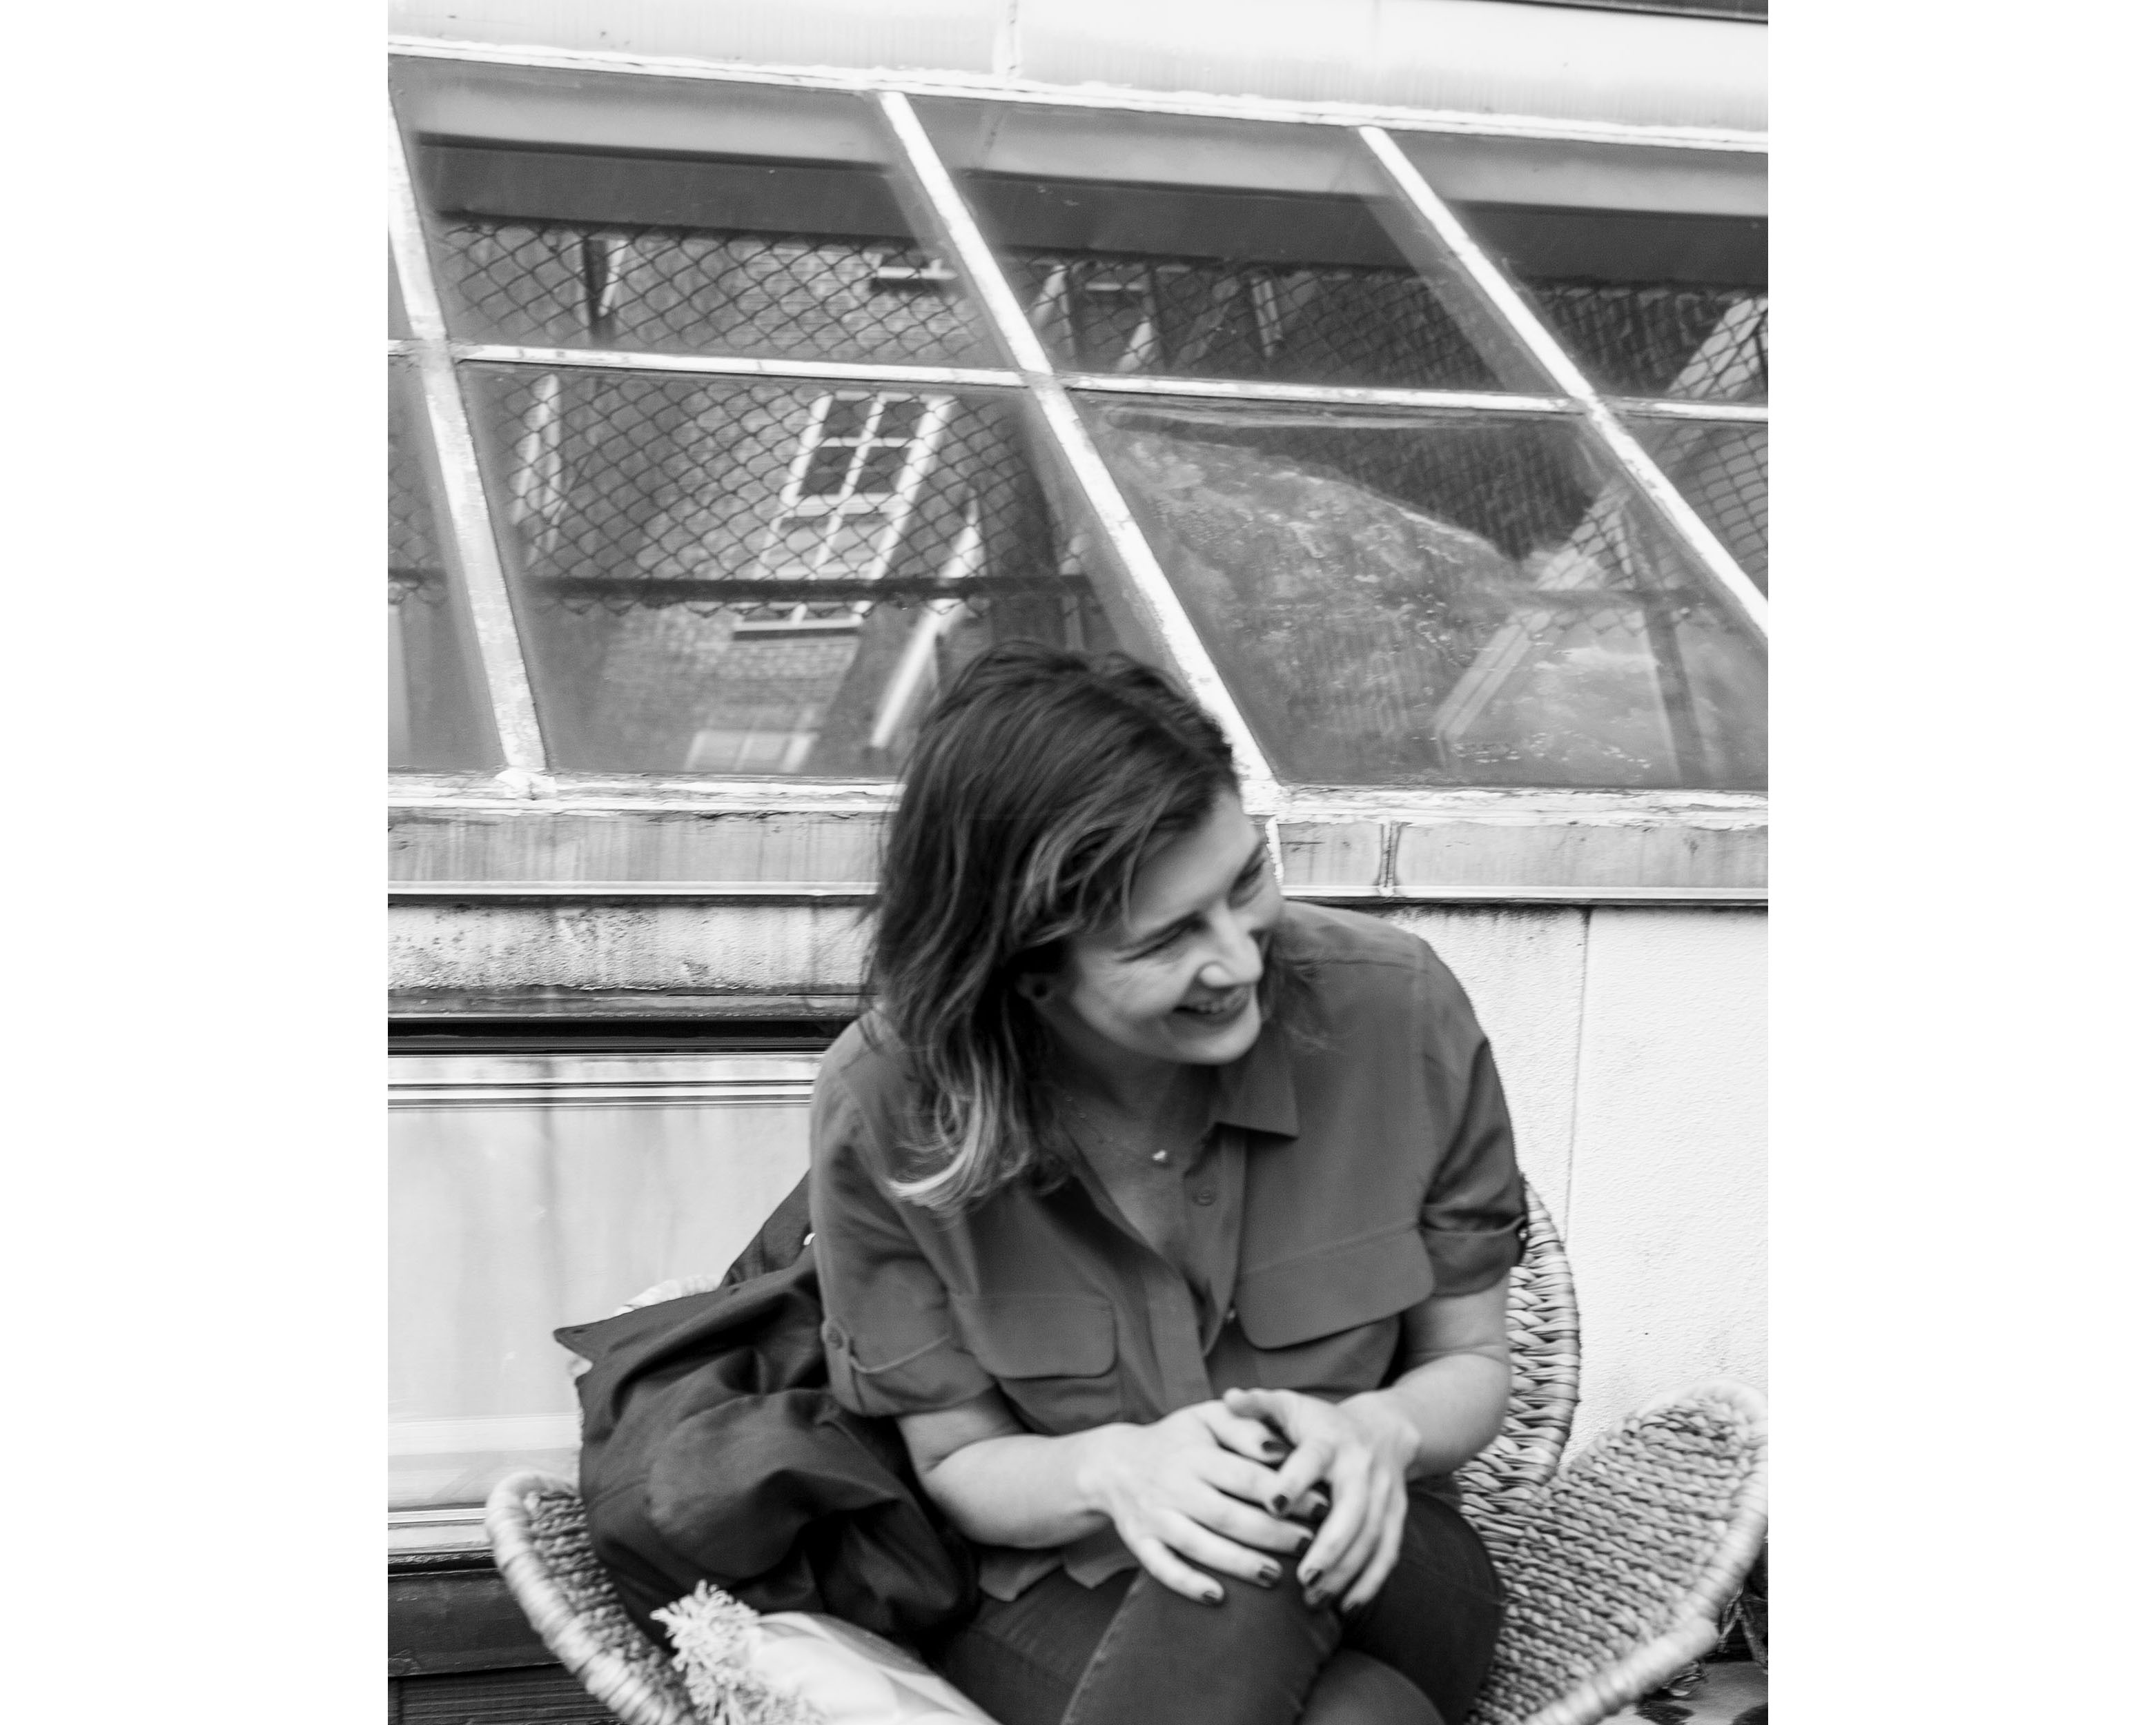 Paloma Young